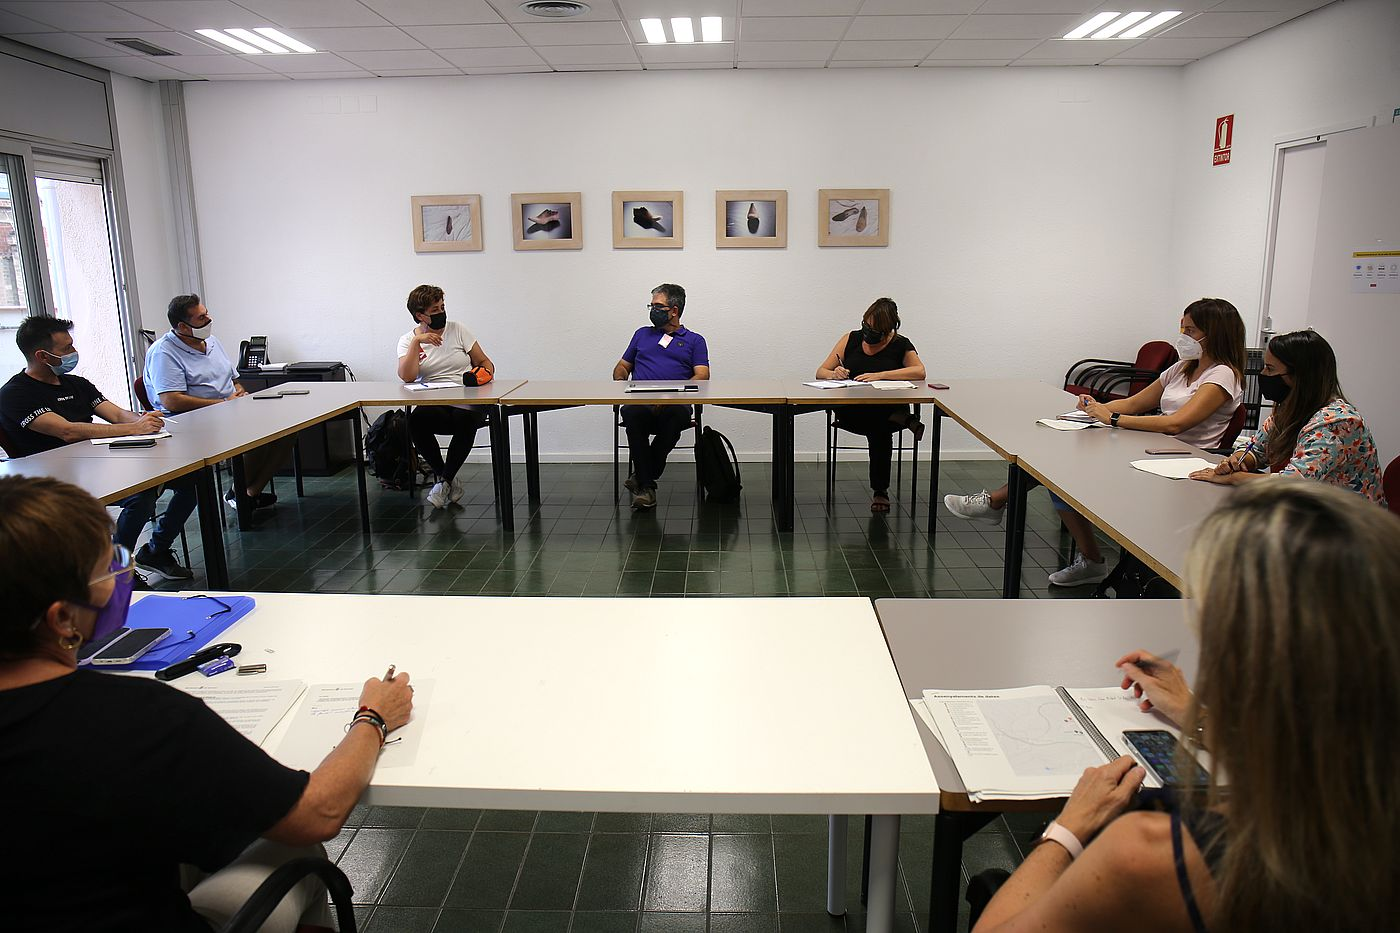 Reunió entre l'AV Can Palet Vista Alegre i representants de l'Ajuntament de Terrassa   Aj. Terrassa